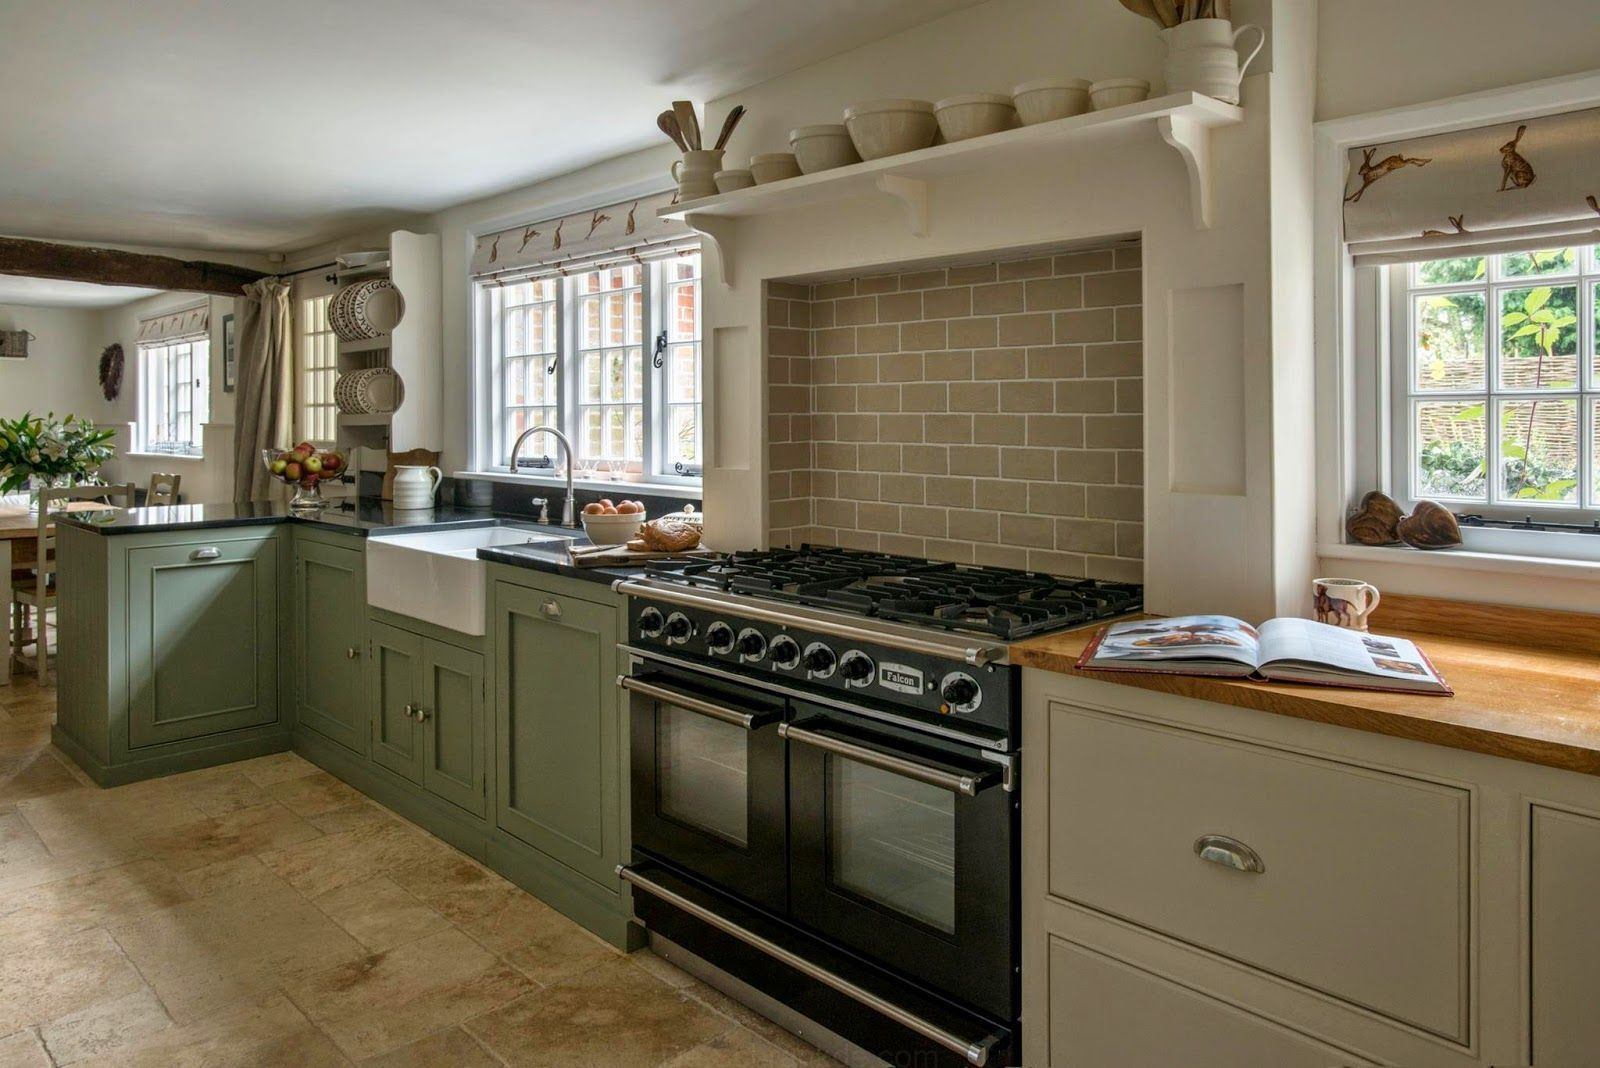 Moderner Landhaus Stil Modern Country Kuche Und Das Farbschema Klicken Sie Sich Durch Modern Country Kitchens Country Kitchen Colors Modern Farmhouse Kitchens